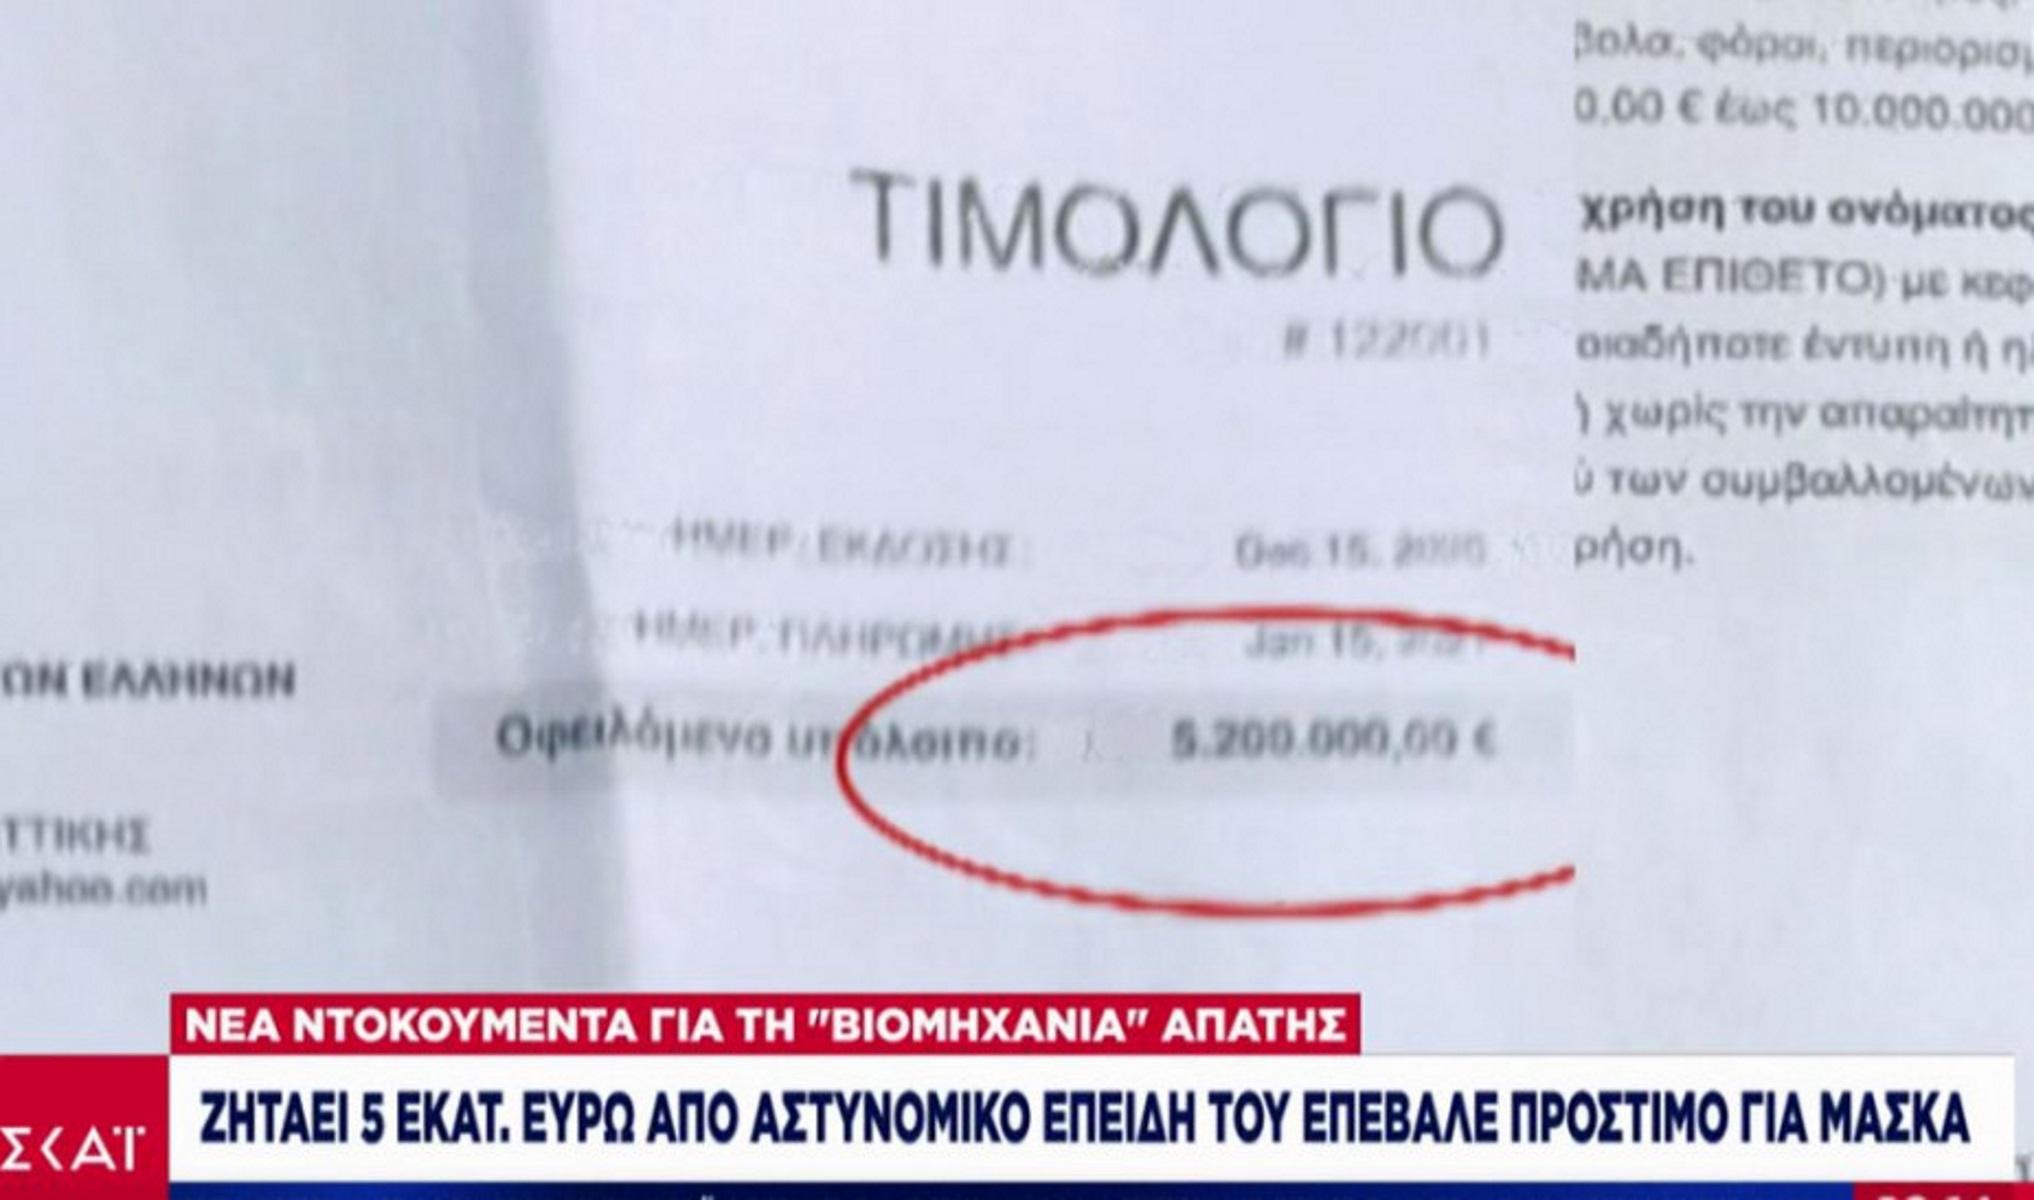 Κορονοϊός: Αυτόχθονας Έλληνας ιθαγενής ζητά 5 εκατ. ευρώ από αστυνομικό που του «έκοψε» πρόστιμο